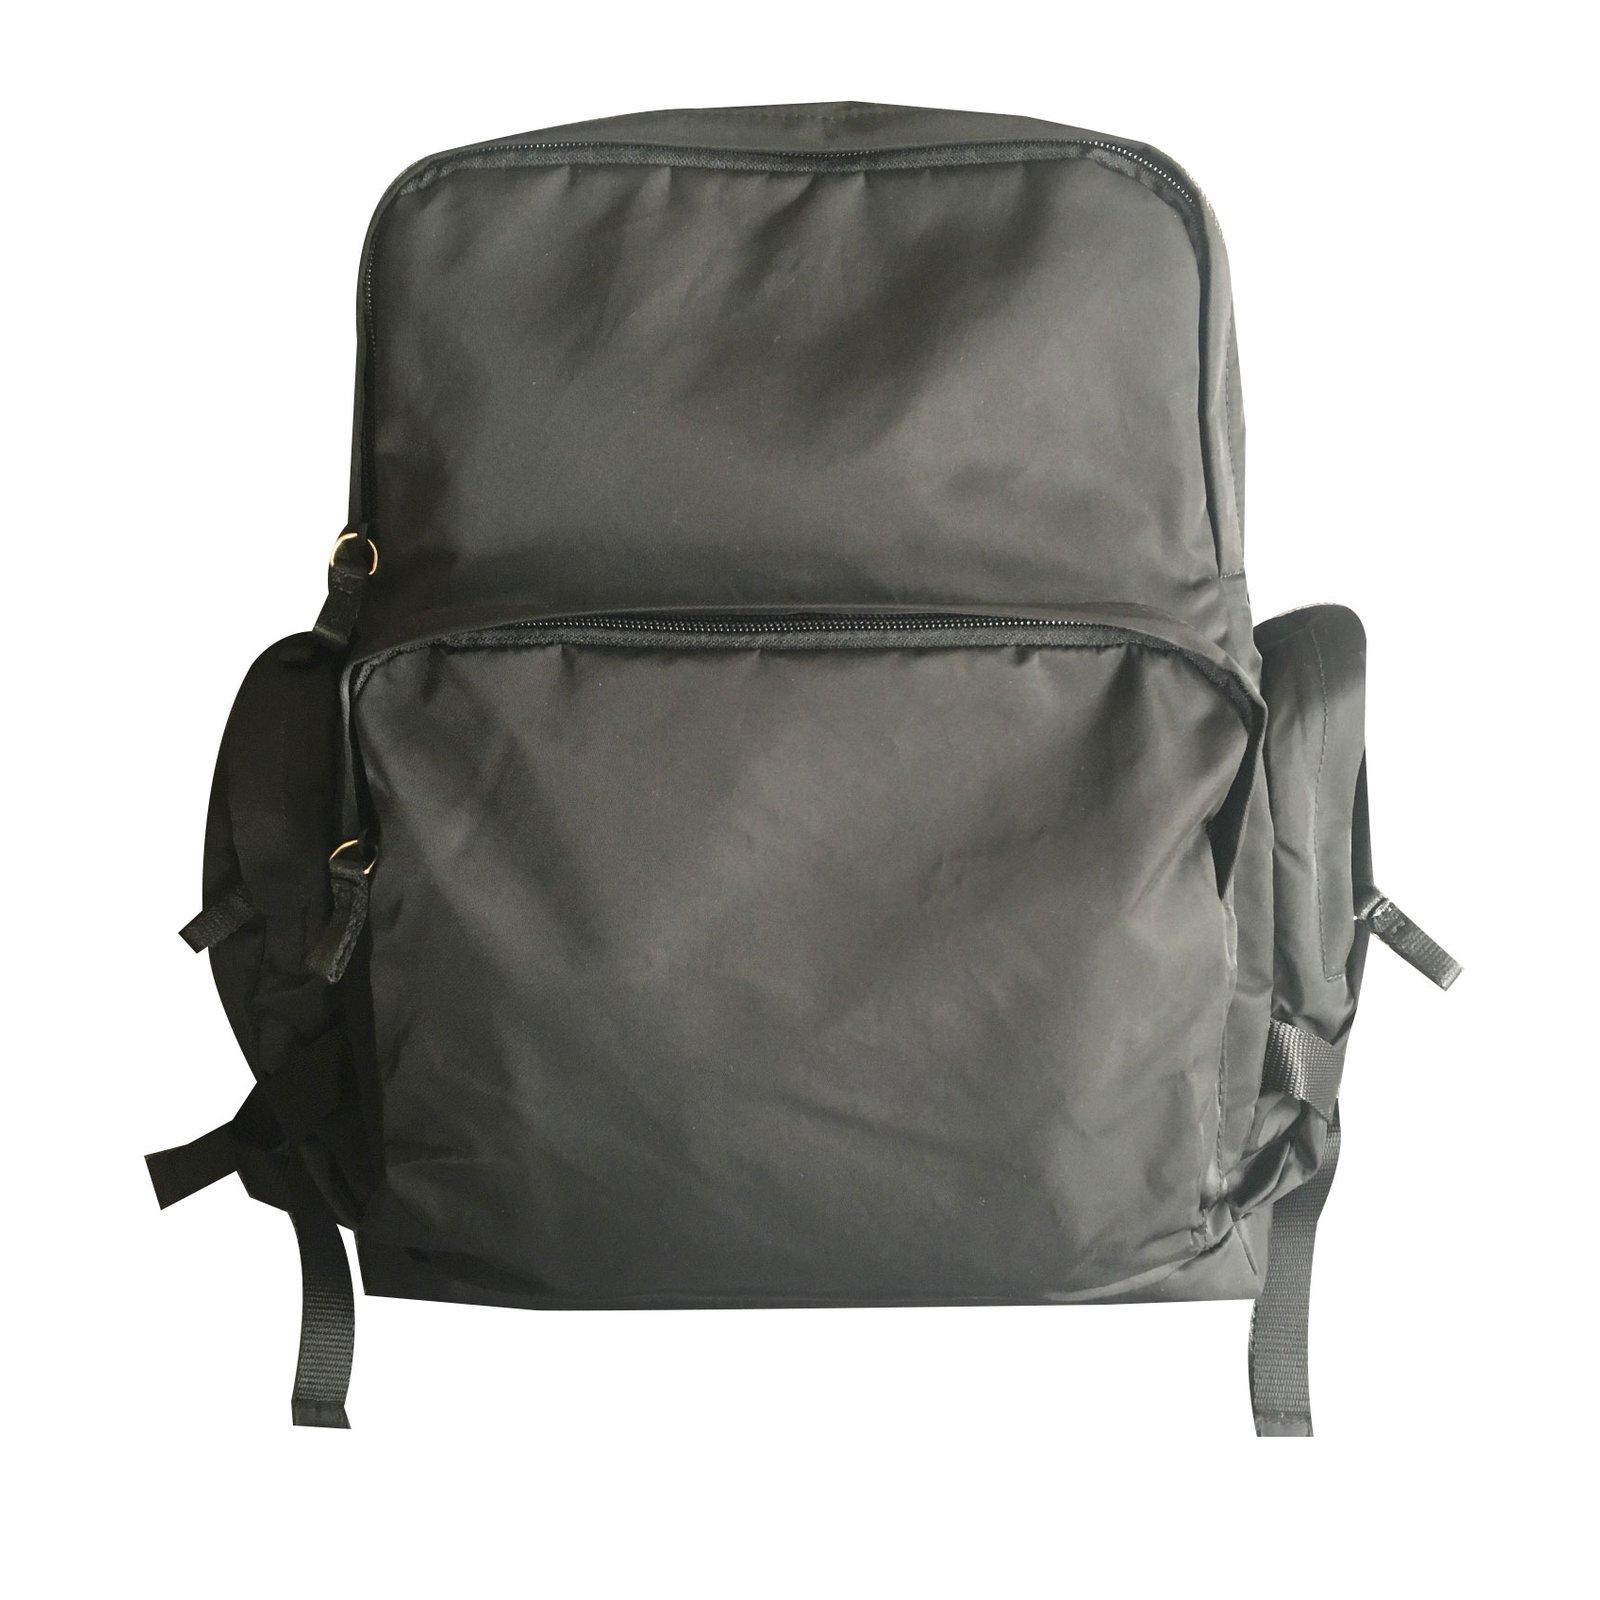 4e4812fb7bba Prada Prada backpack Bags Briefcases Nylon Black ref.64226 - Joli Closet